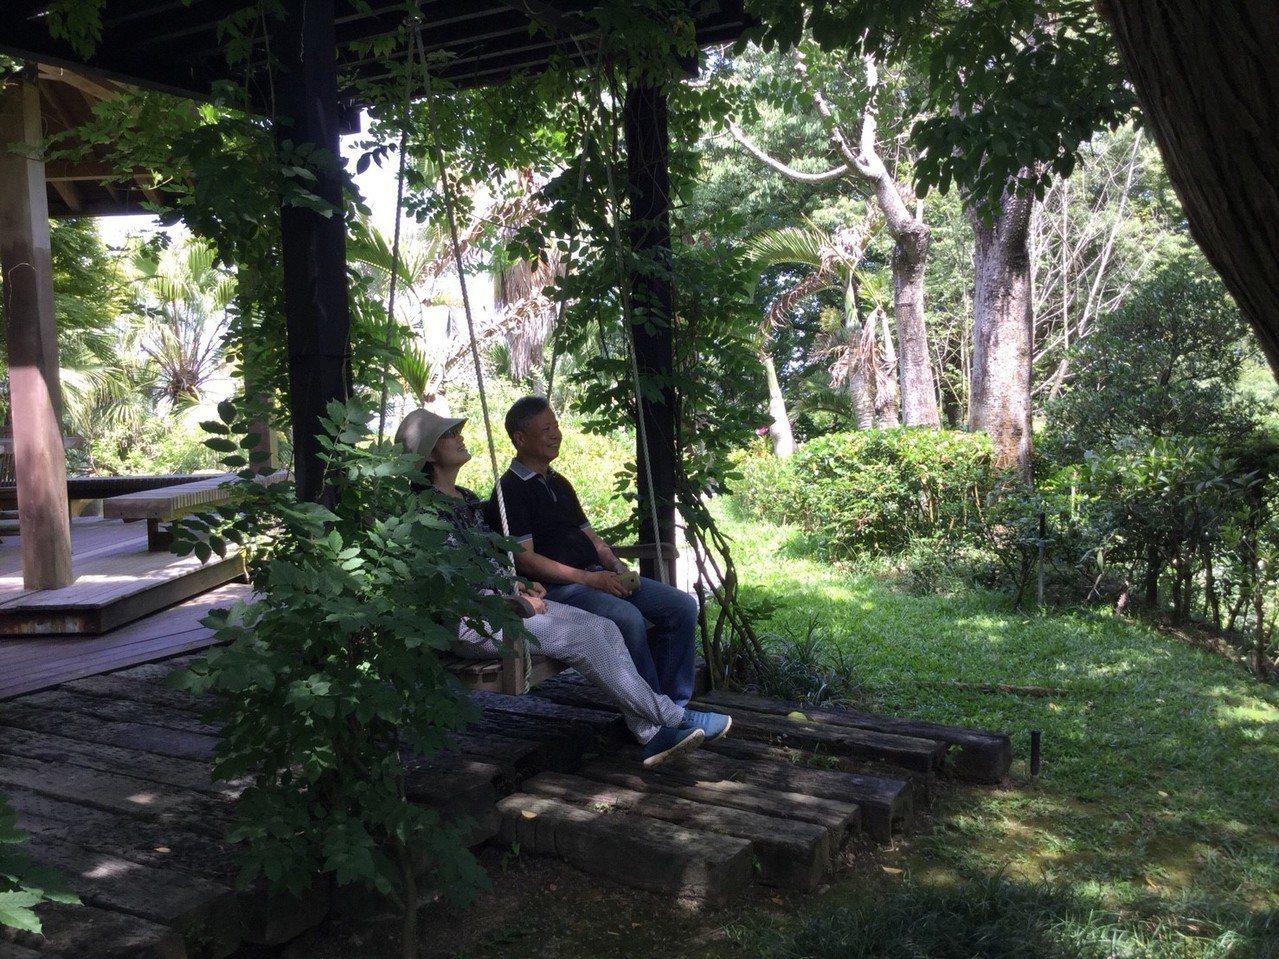 用心打造的綠色空間,讓人充分放鬆。有行旅提供